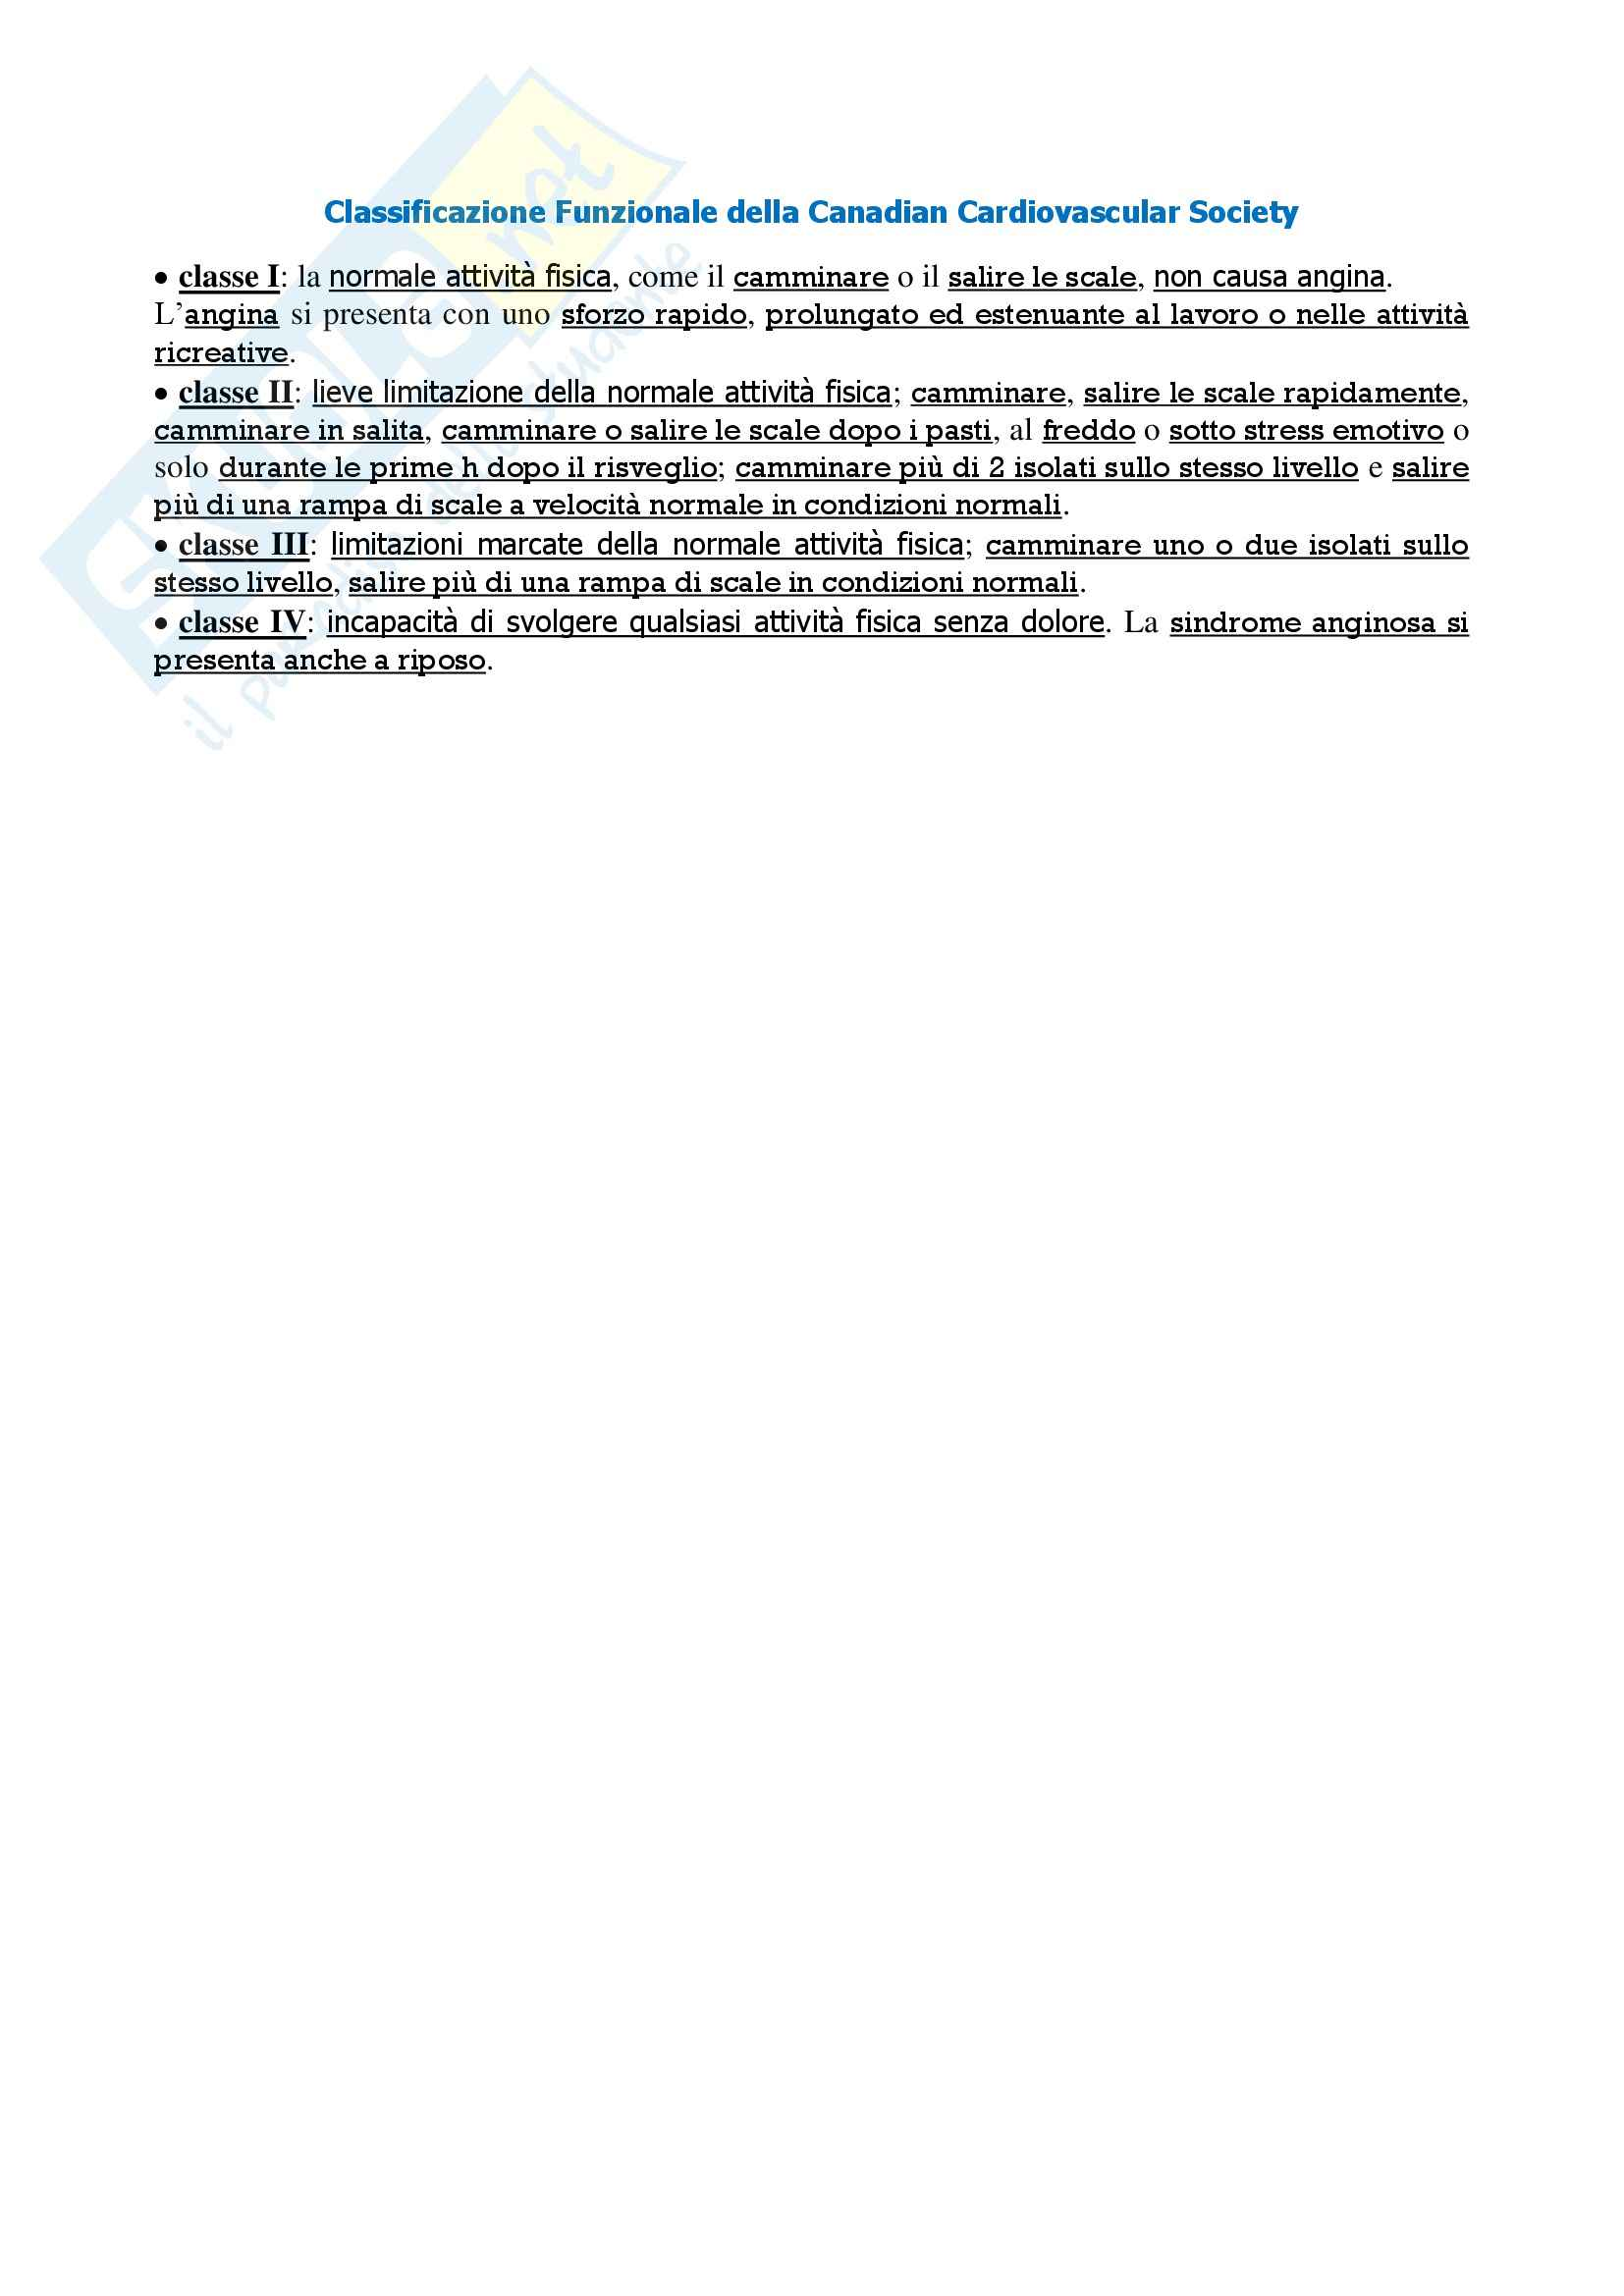 Malattie dell'apparato cardiovascolare - Appunti